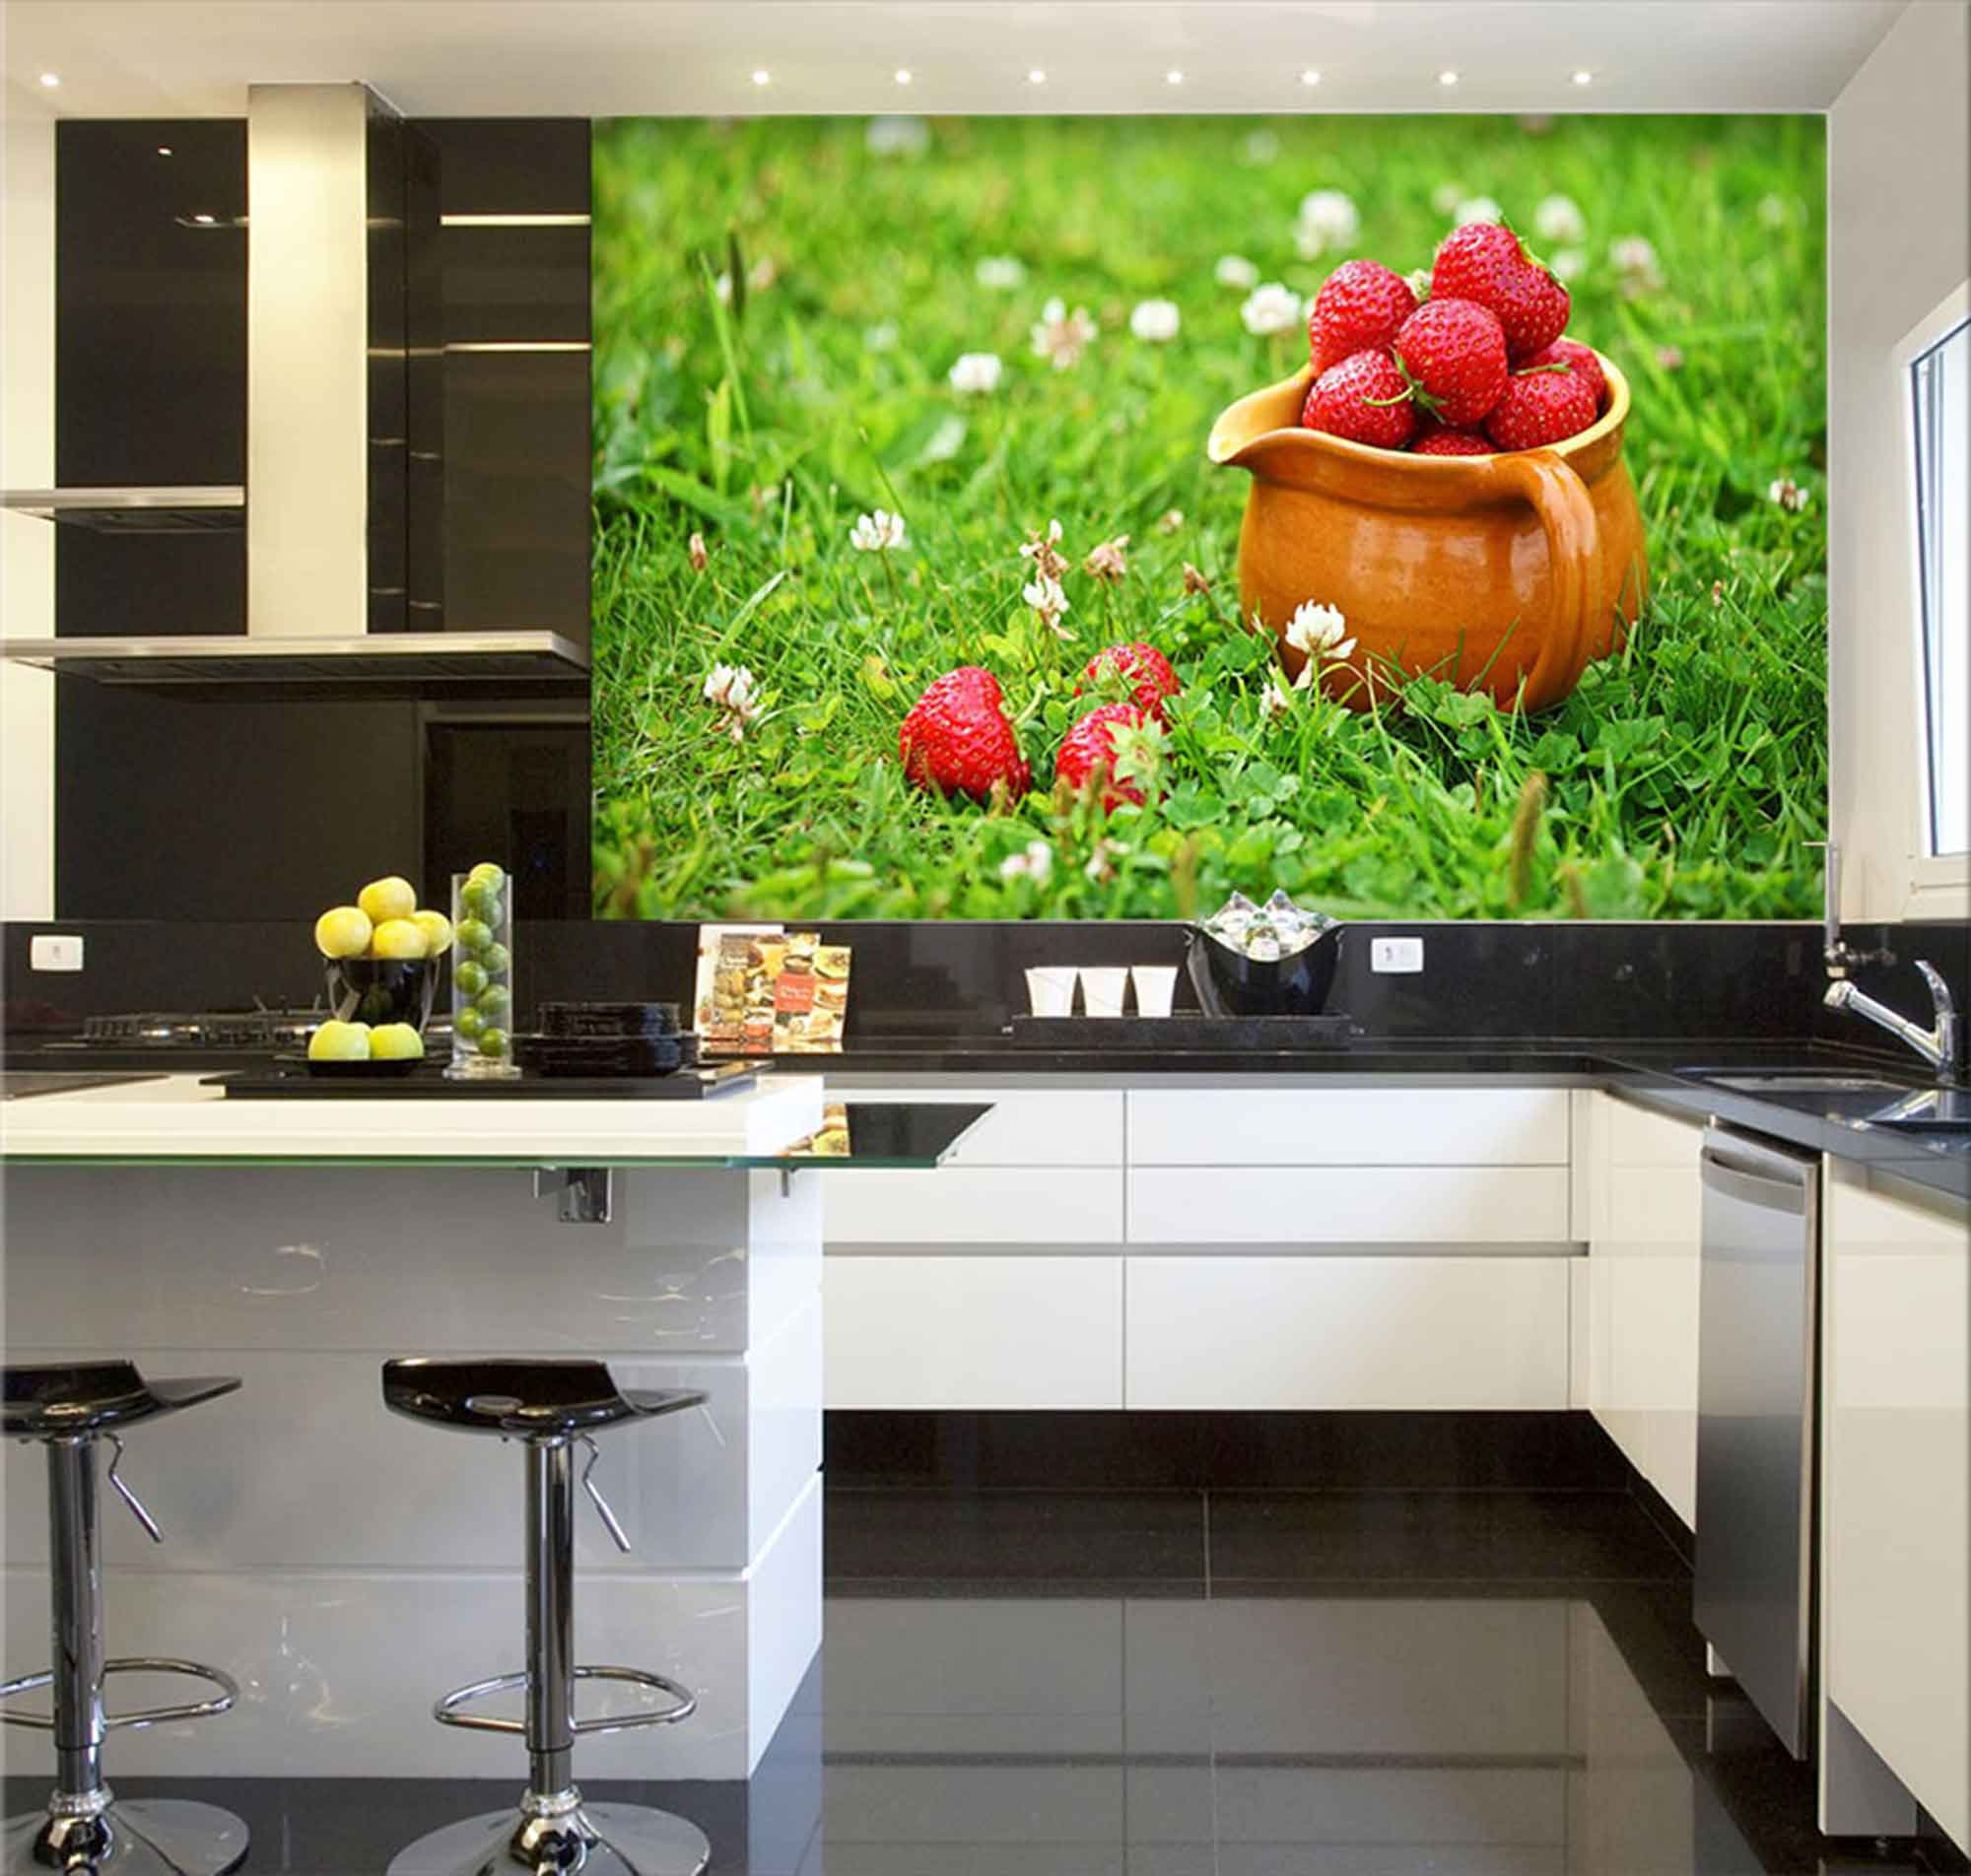 Papel De Parede Para Cozinha 0019 - Sobmedida: m²   - Paredes Decoradas